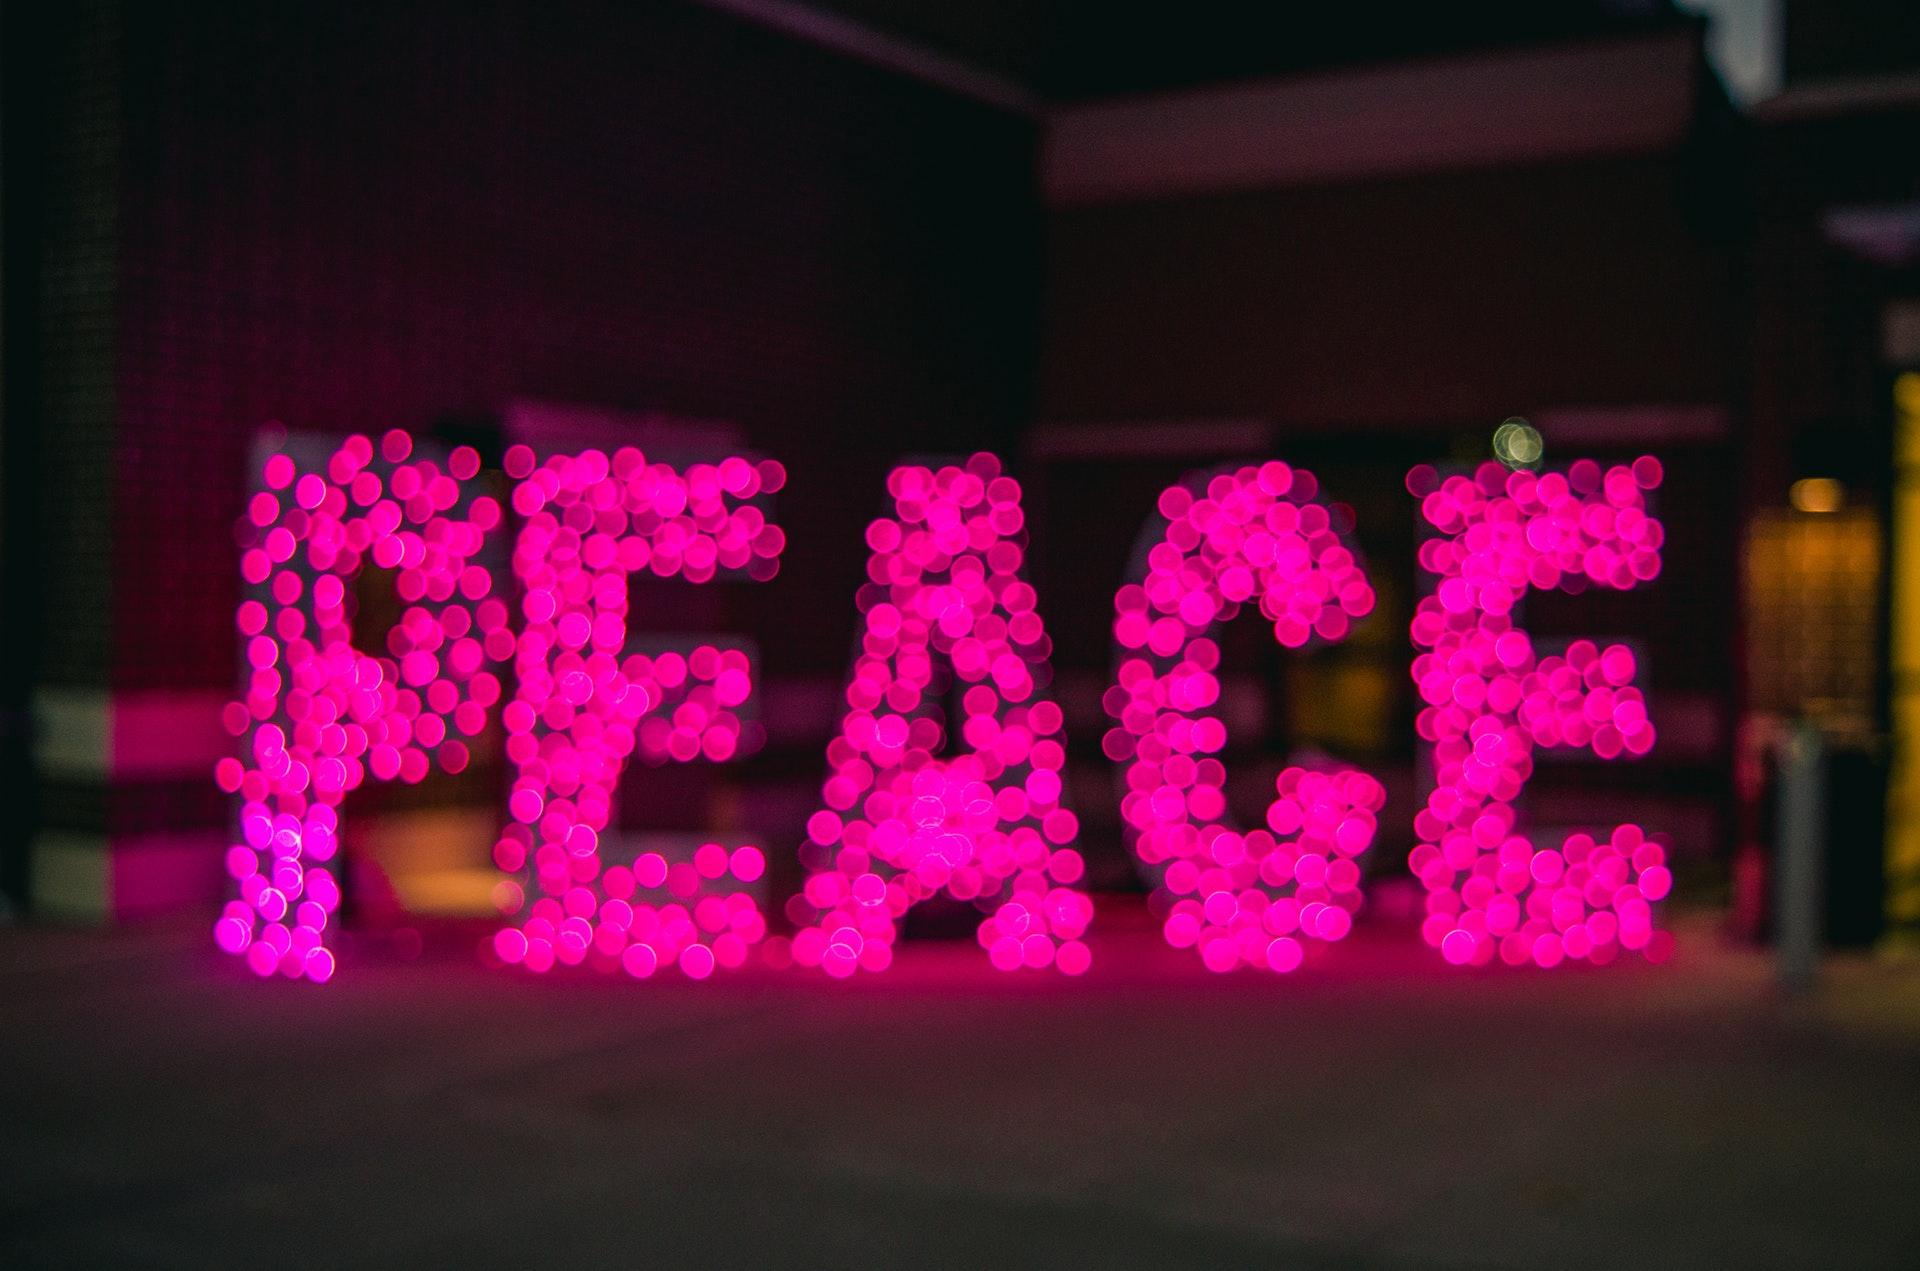 Peace, Haiku